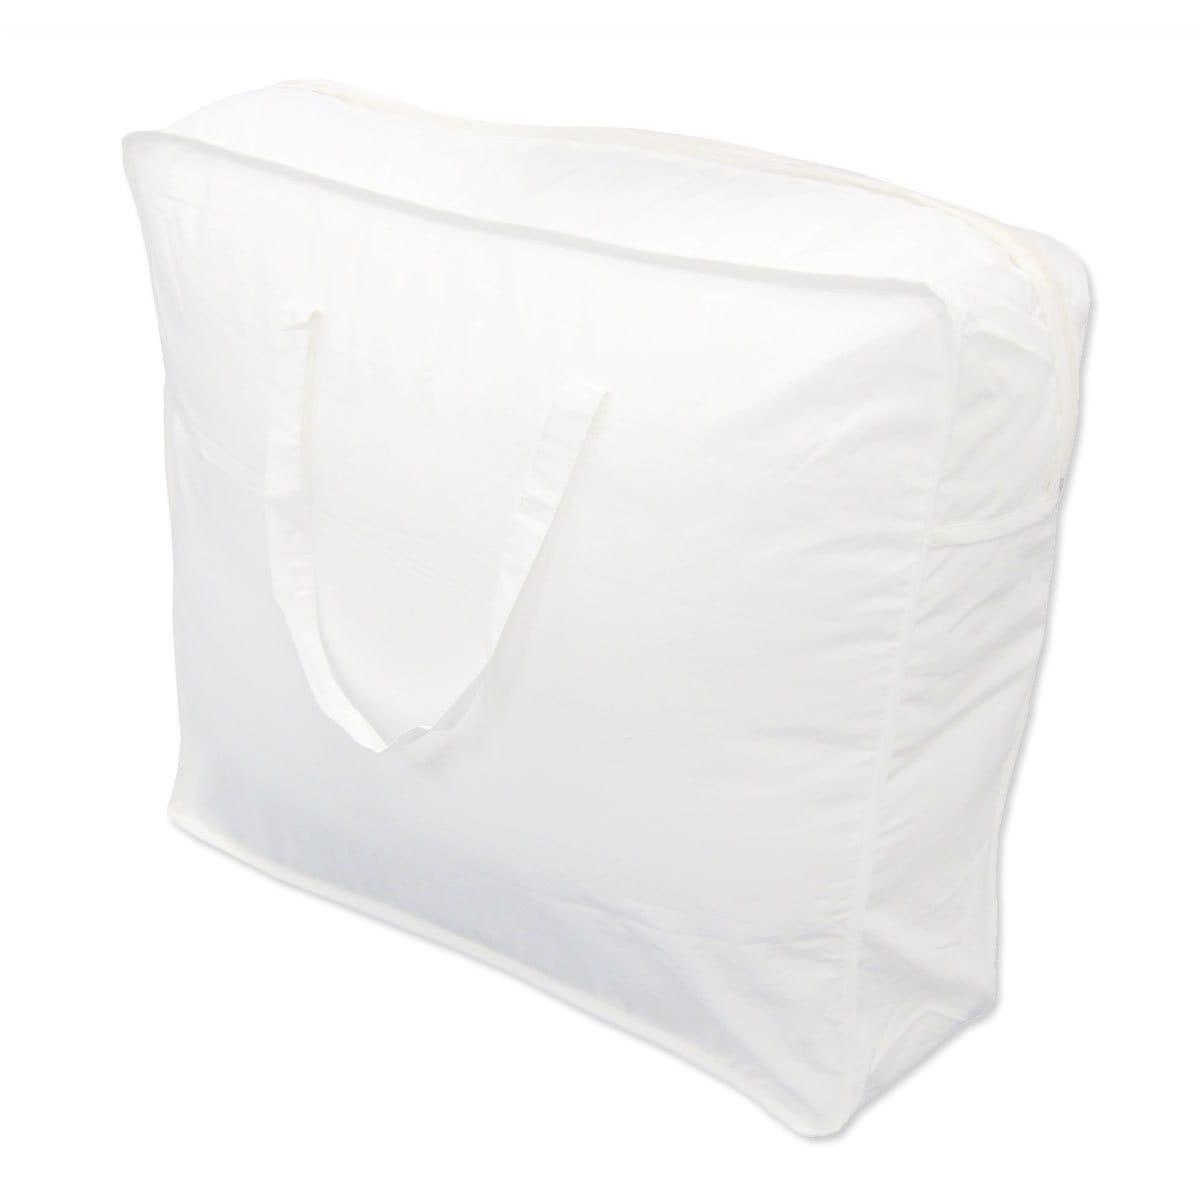 Traumschlaf Deluxe XXL Aufbewahrungstasche für Bettdecken